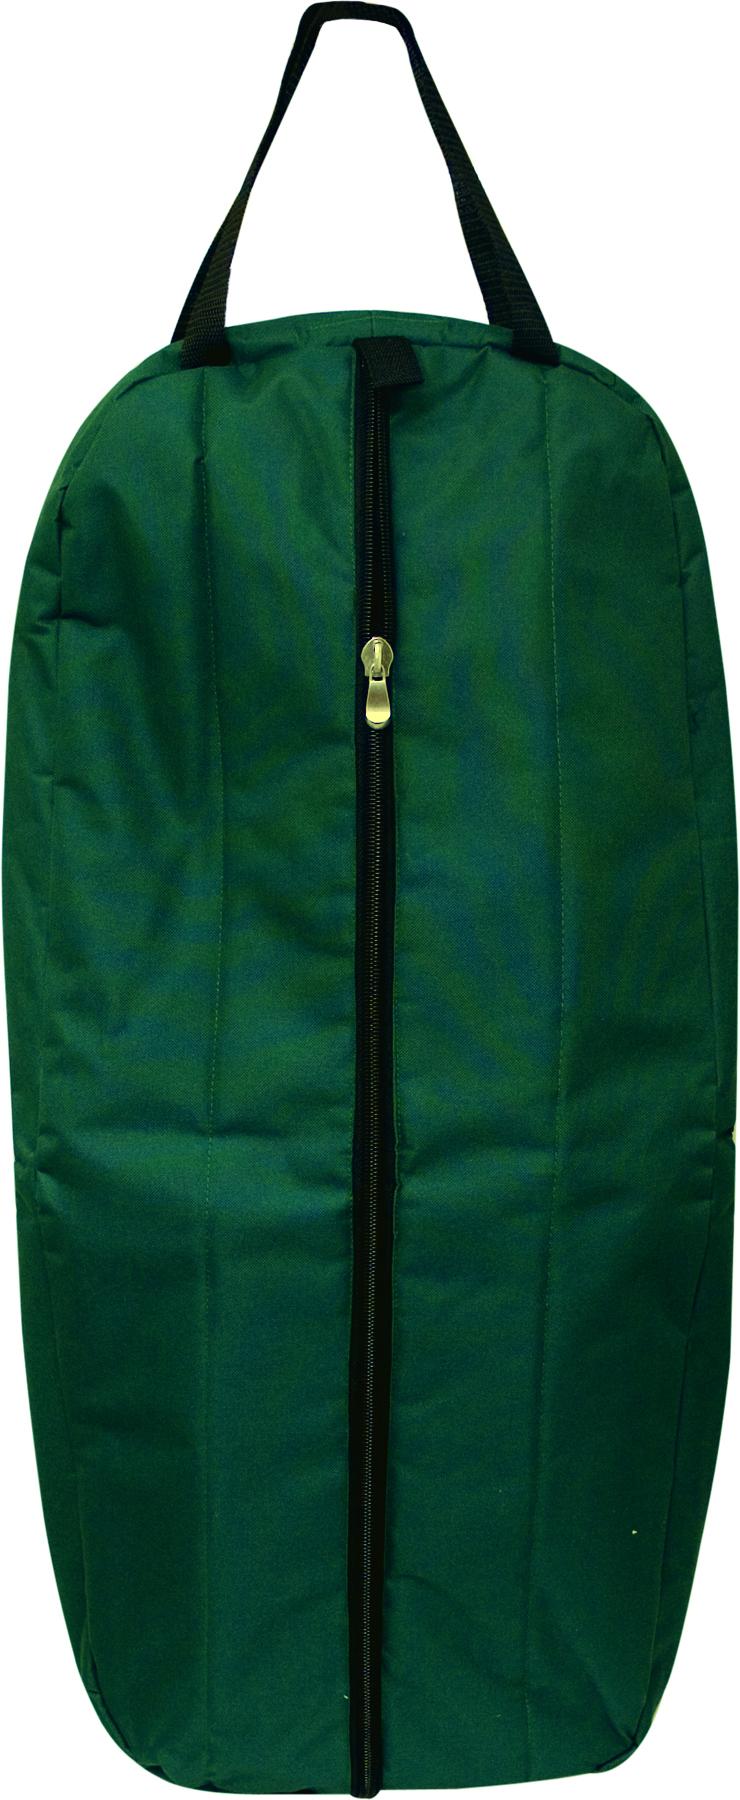 Abetta Quilted Bridle/Halter Bag